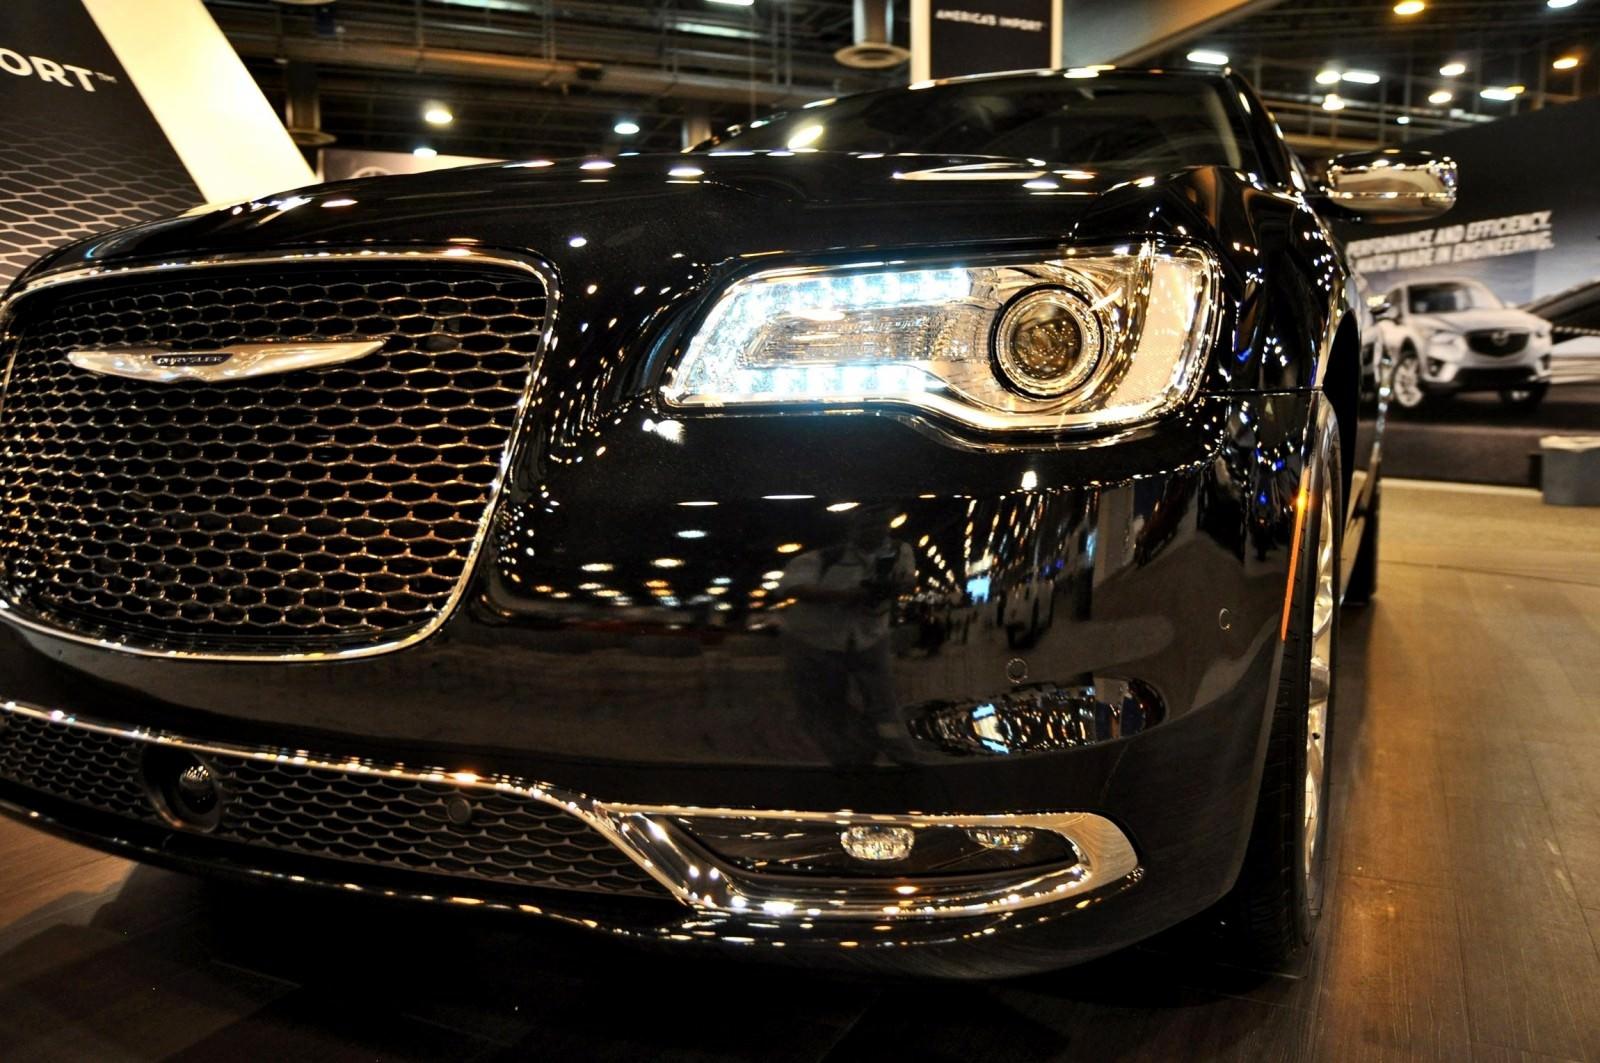 2015 Chrysler 300C - Houston Auto Show Gallery 15